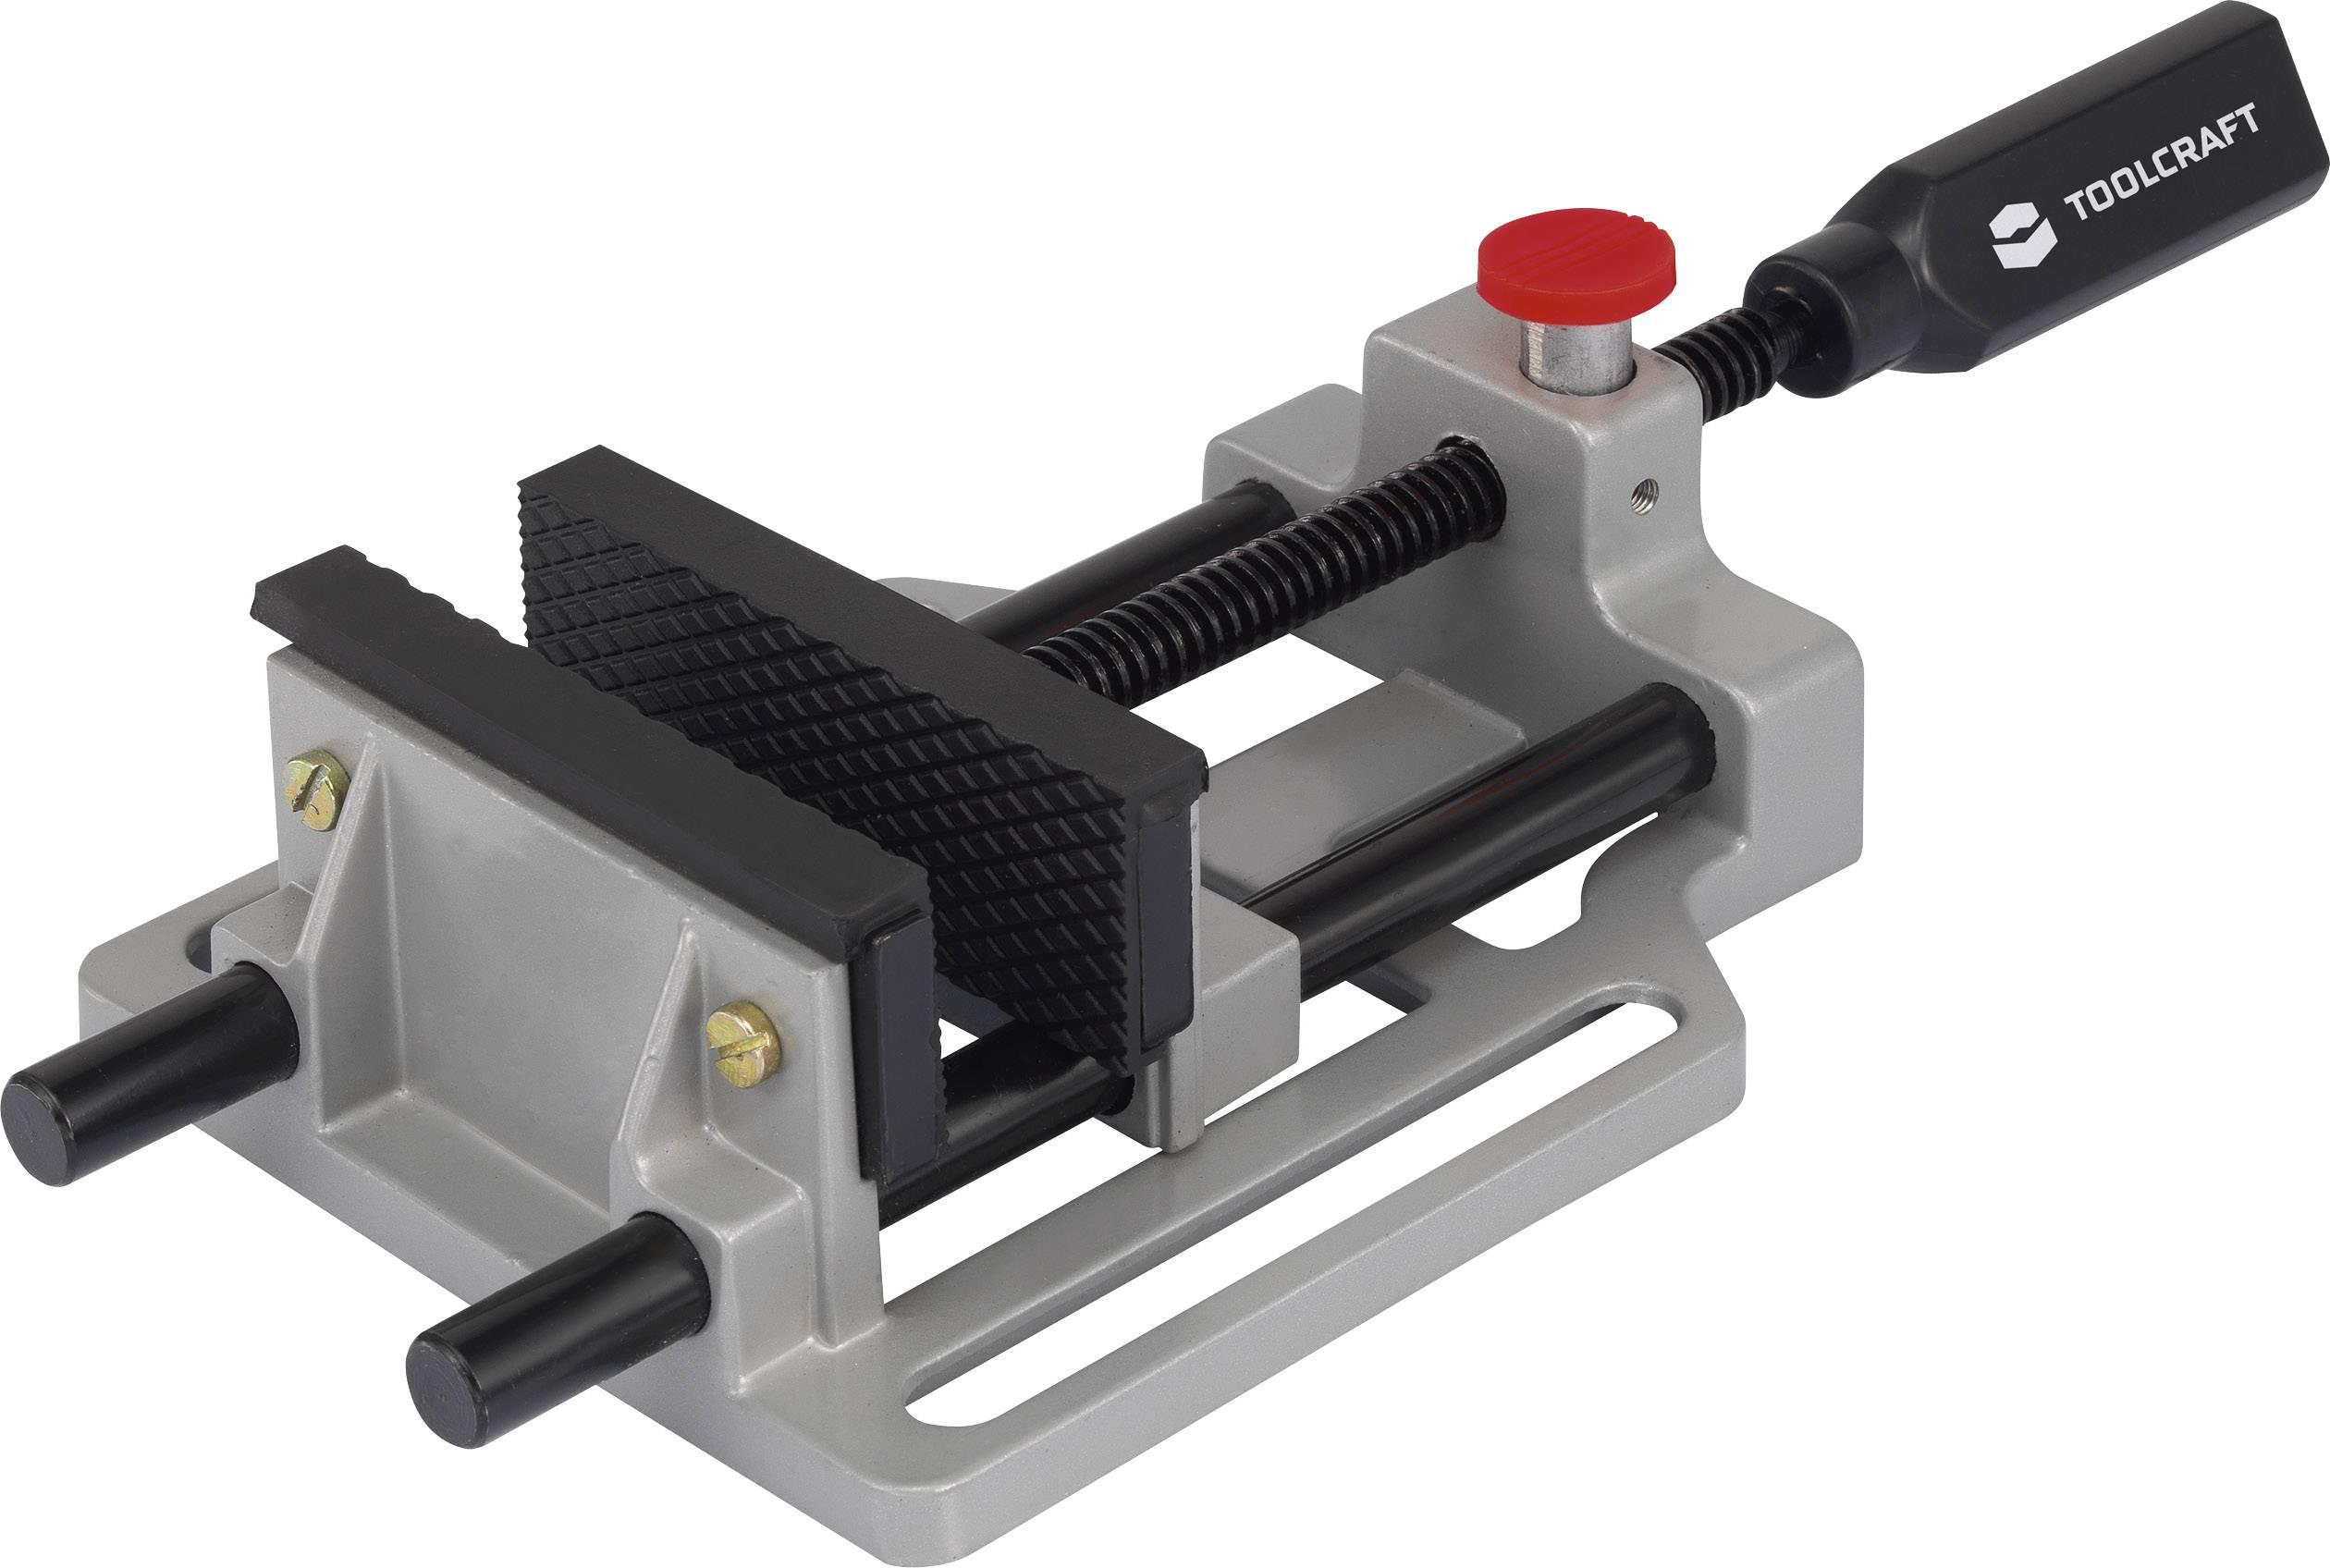 Univerzální svěrák Toolcraft TO-4988658, 90 mm